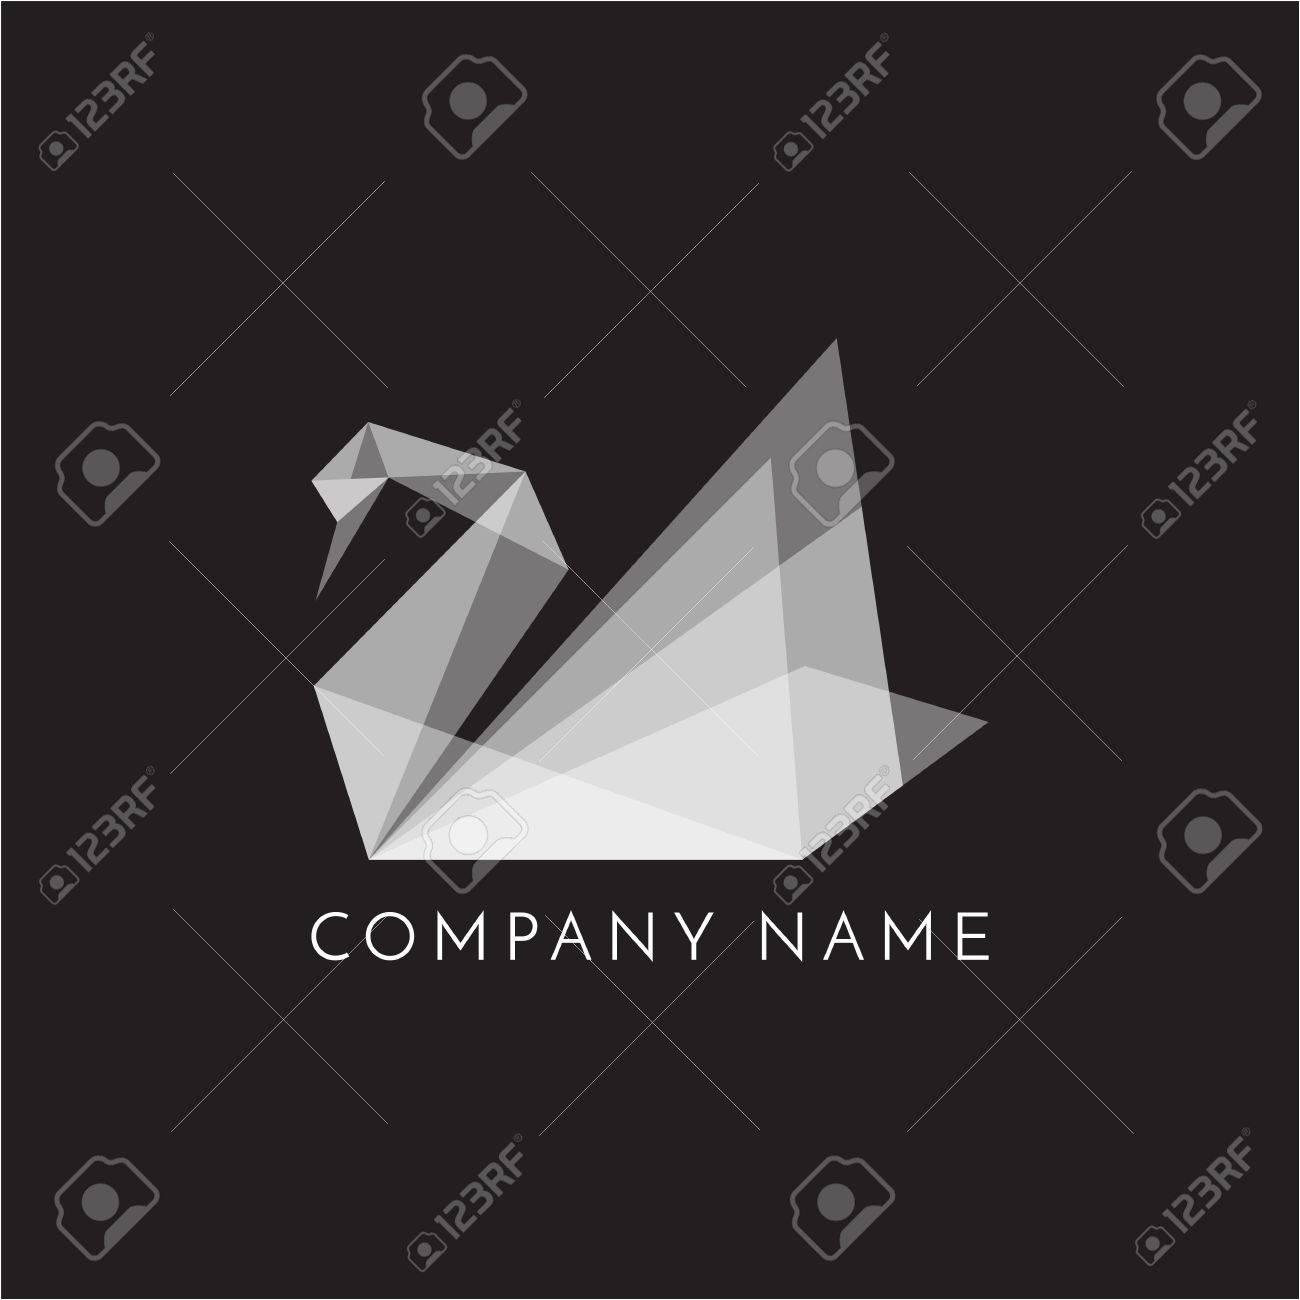 Swan logo sign emblem origami on black background vector swan logo sign emblem origami on black background vector illustration stock illustration 87481434 jeuxipadfo Gallery